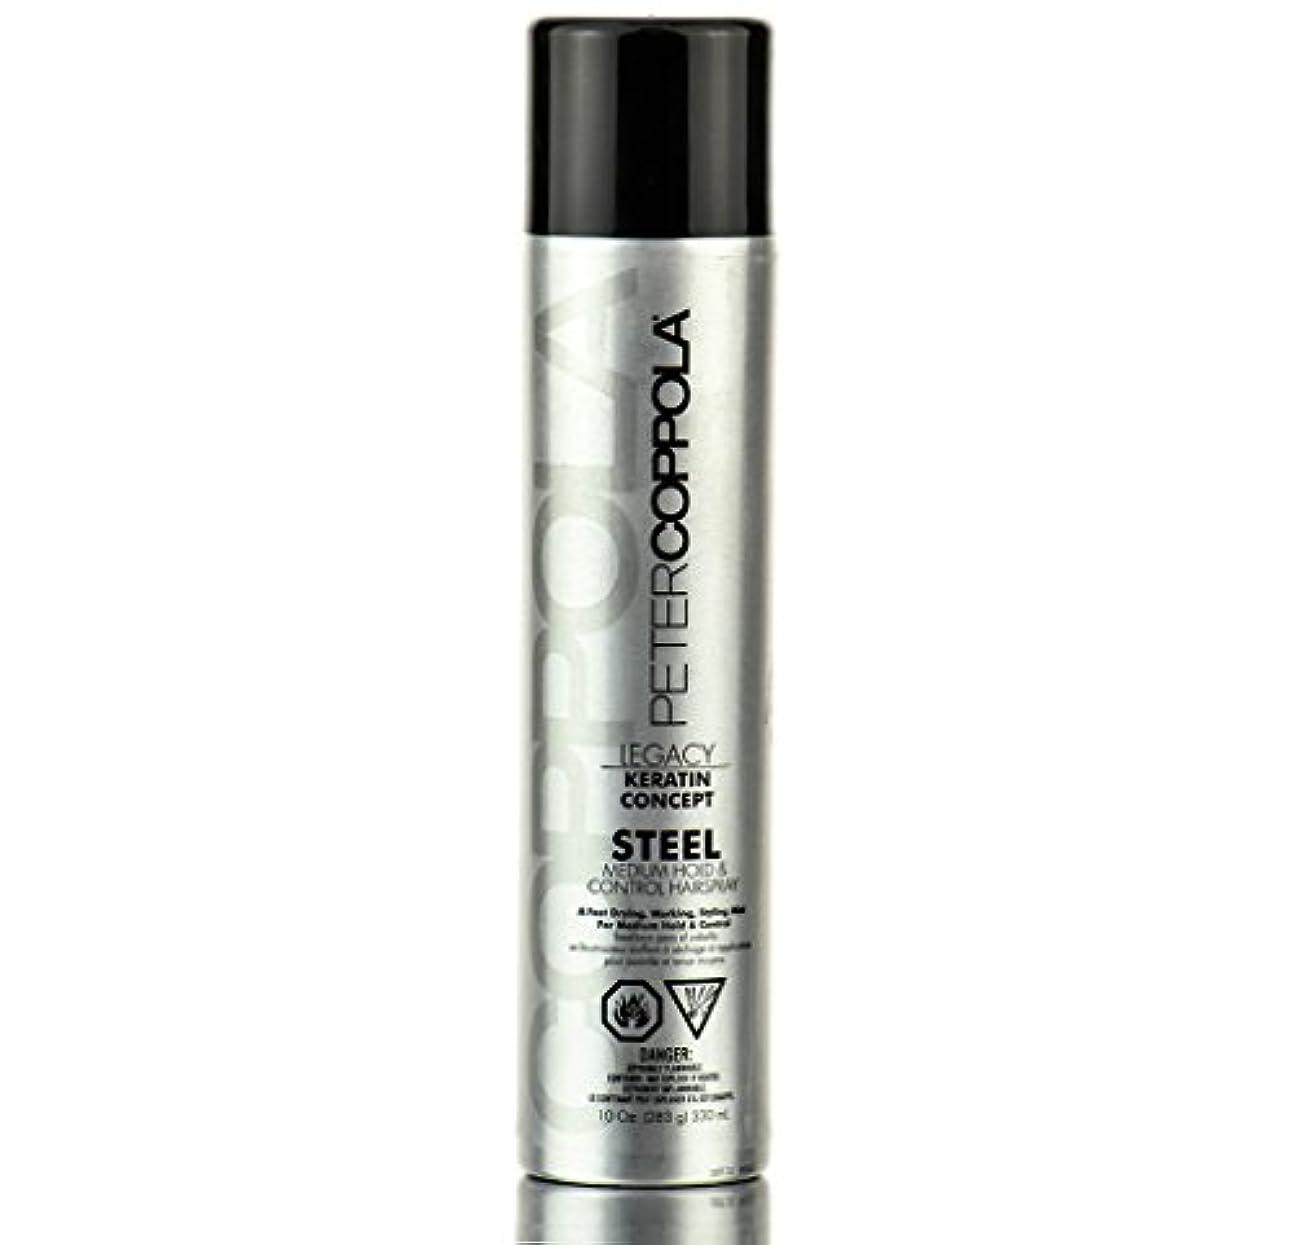 深いバーベキューそうPeter Coppola スチールヘアスプレー - 軽量、ミディアムホールド、柔軟なホールドは、スタイリングヘアボリューム&スタイリングのすべての髪のタイプを追加するための10オンスミディアムシャインスプレー medium_hold